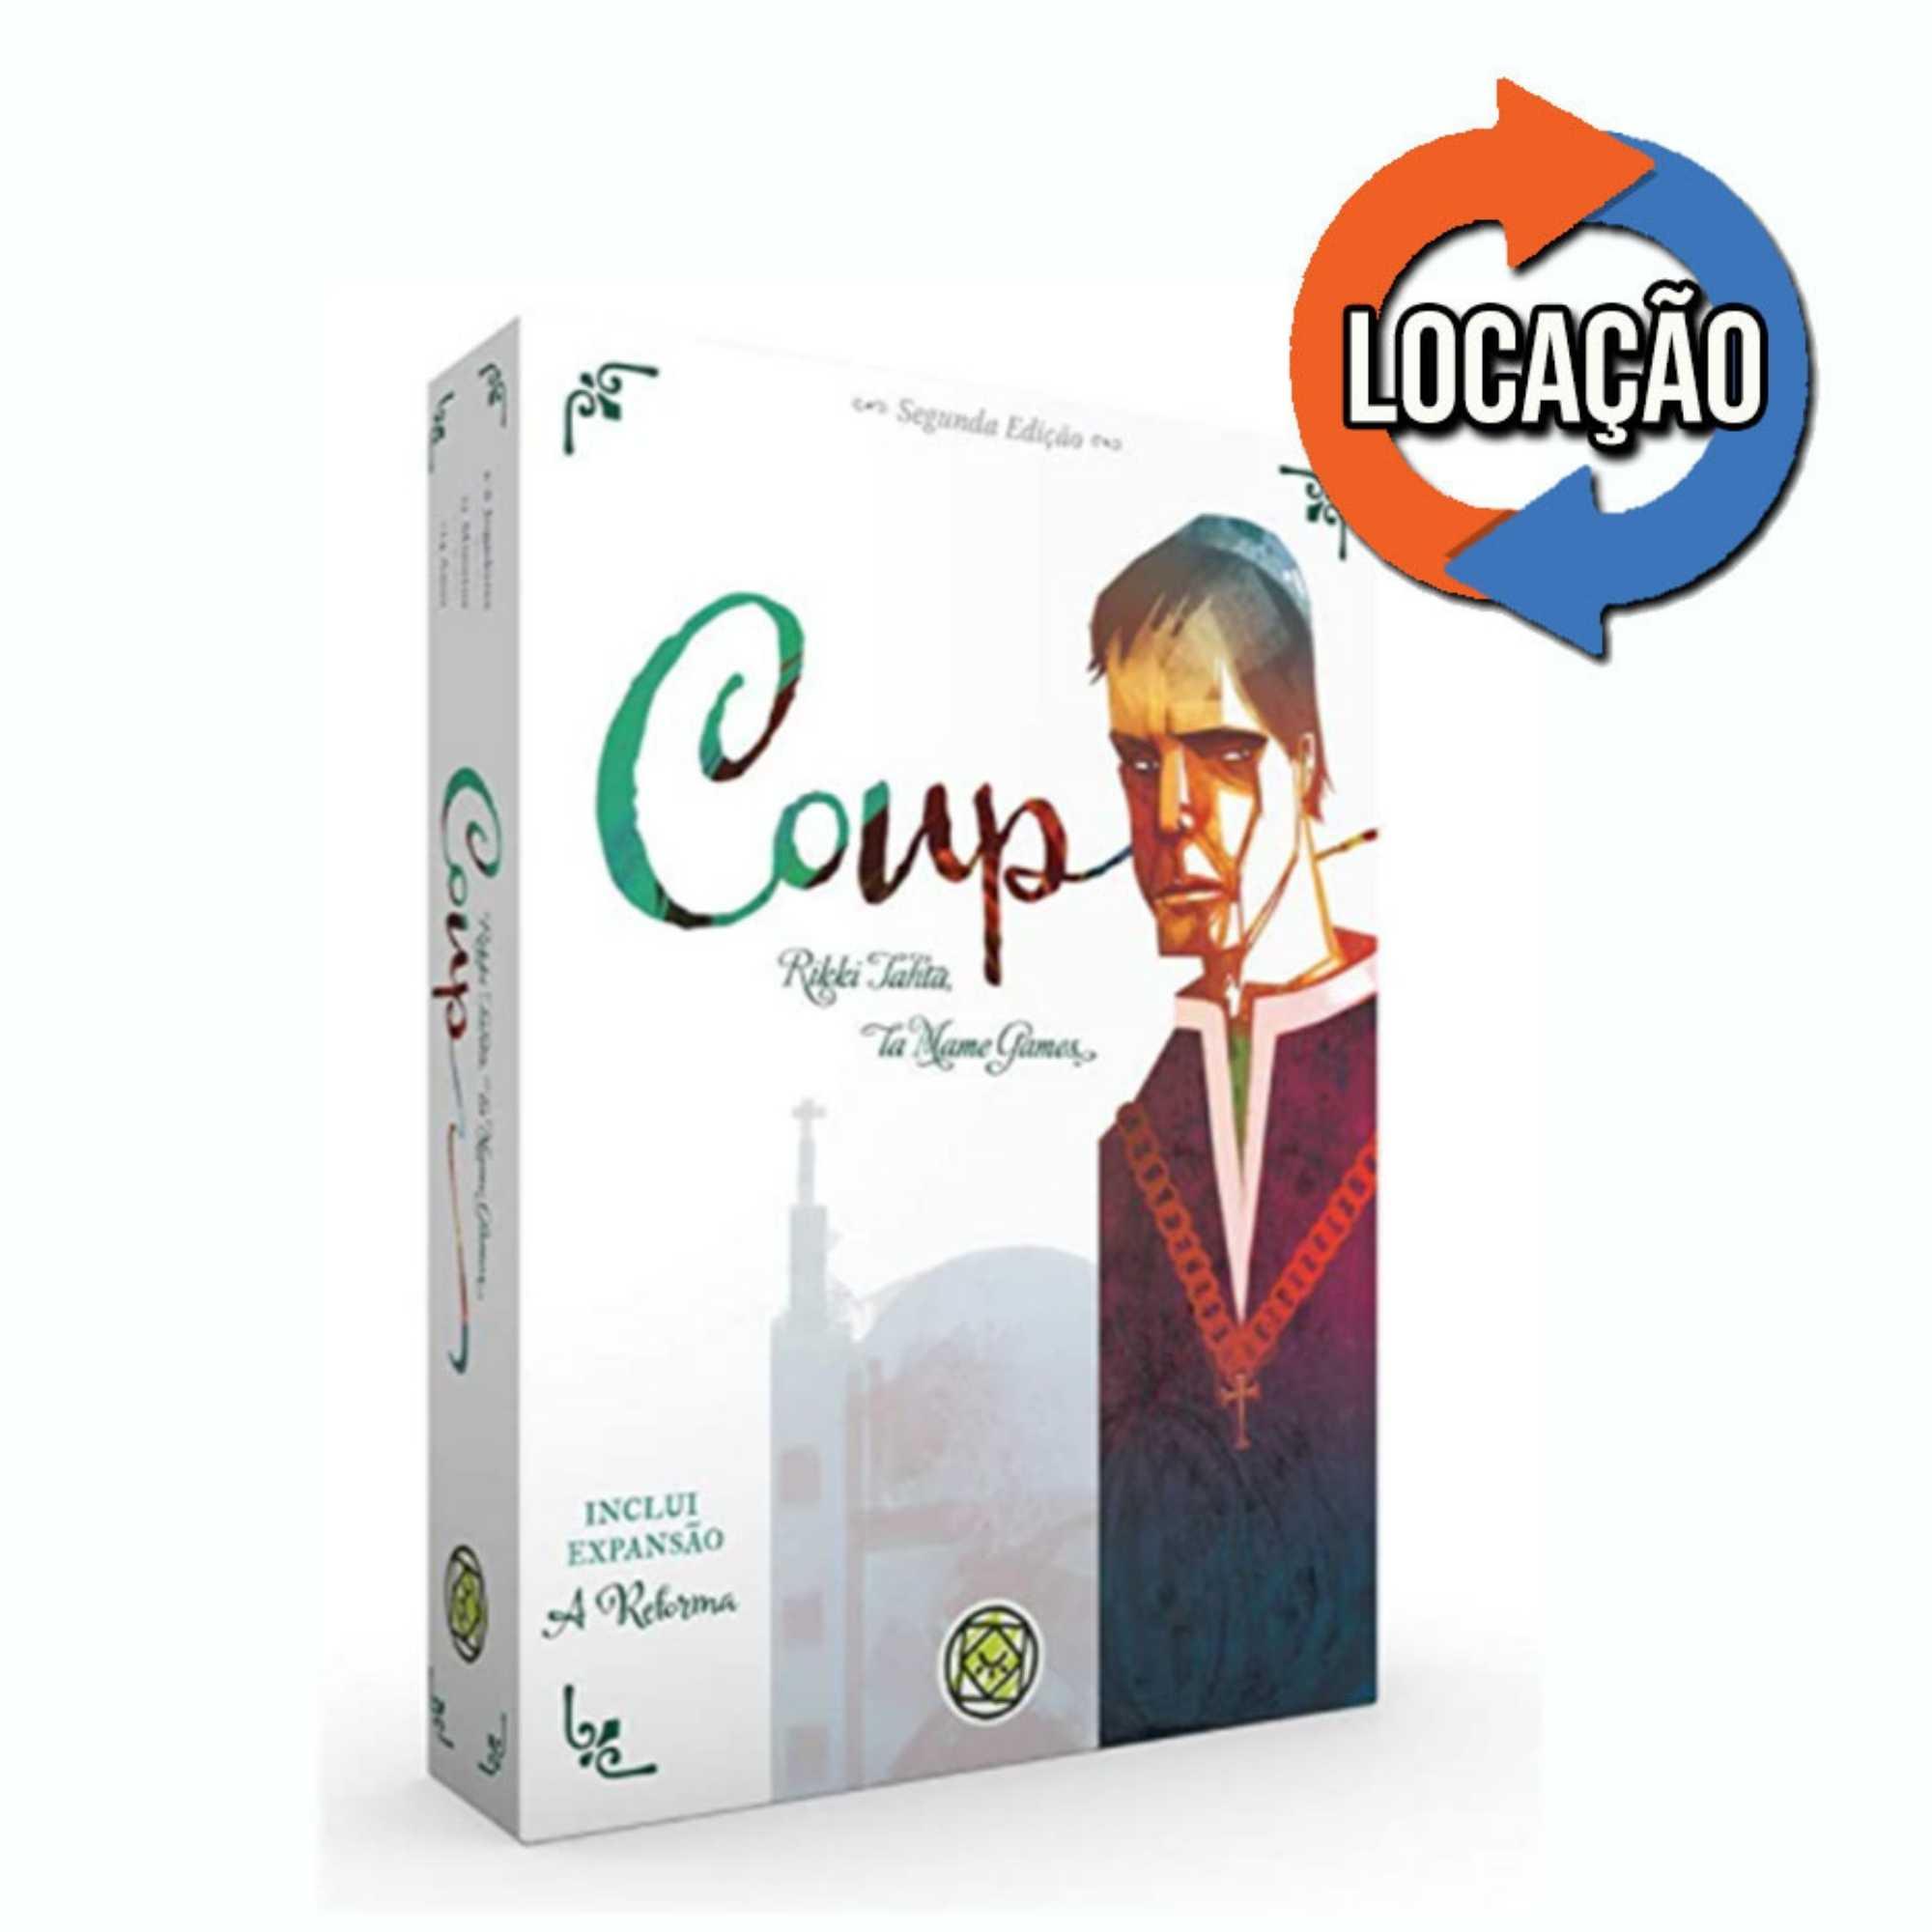 Coup - 2ª Edição (Locação)